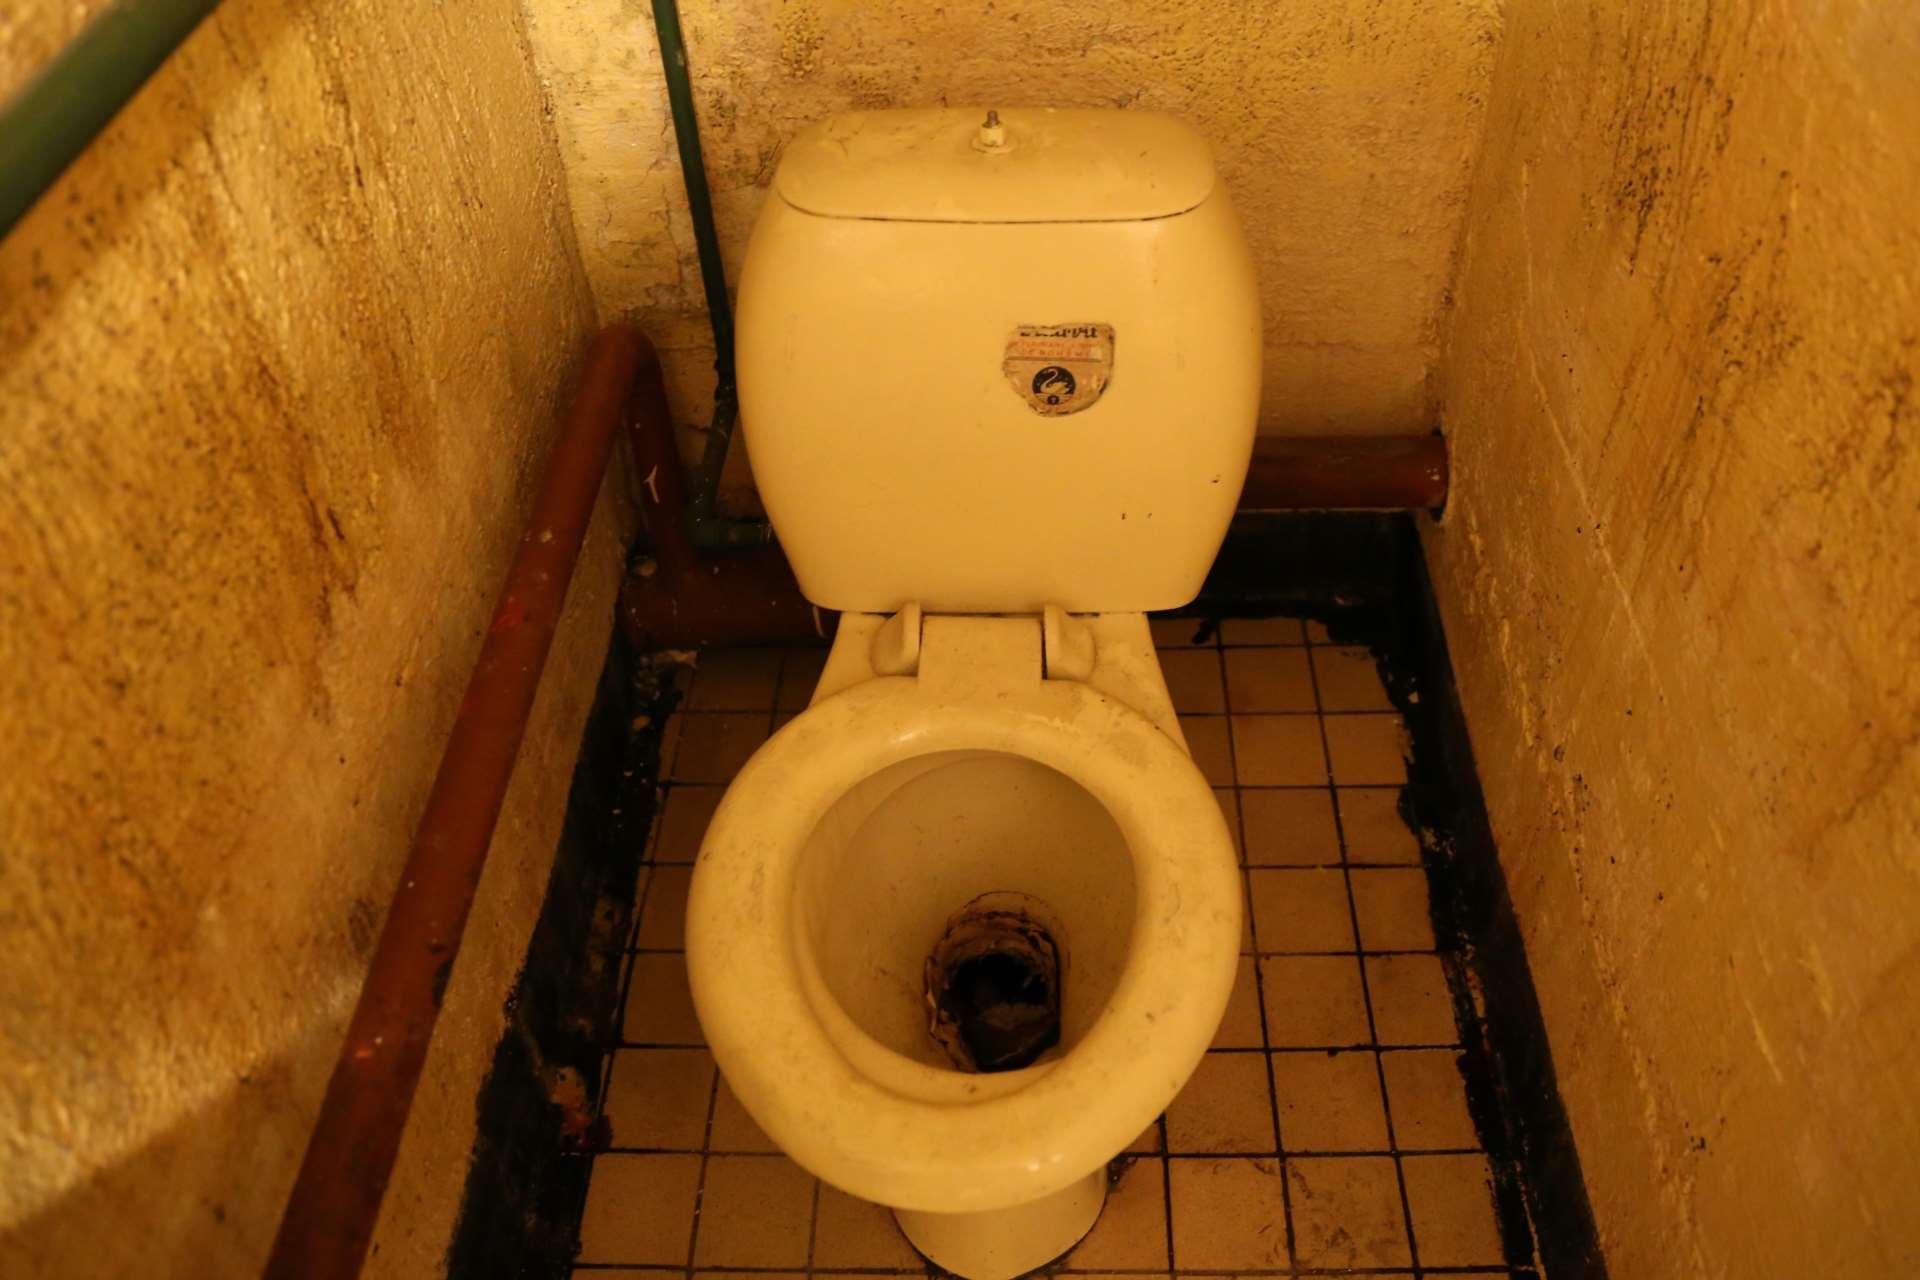 Туалет бункера «Явор 51». Во всех аналогичных укрытиях предусмотрен только один